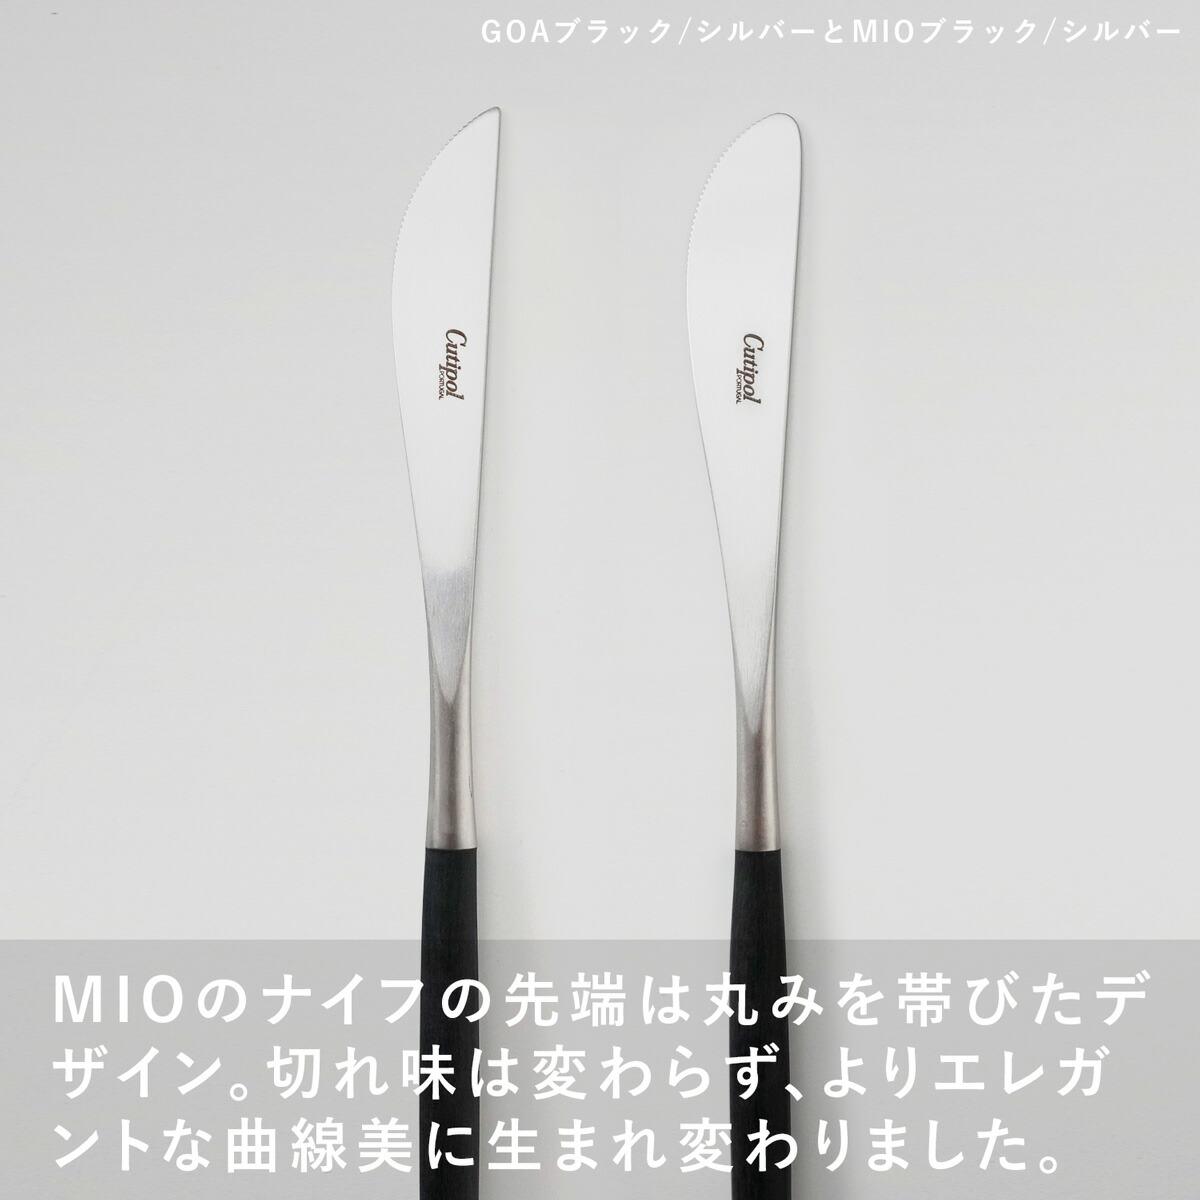 クチポール MIO ナイフ